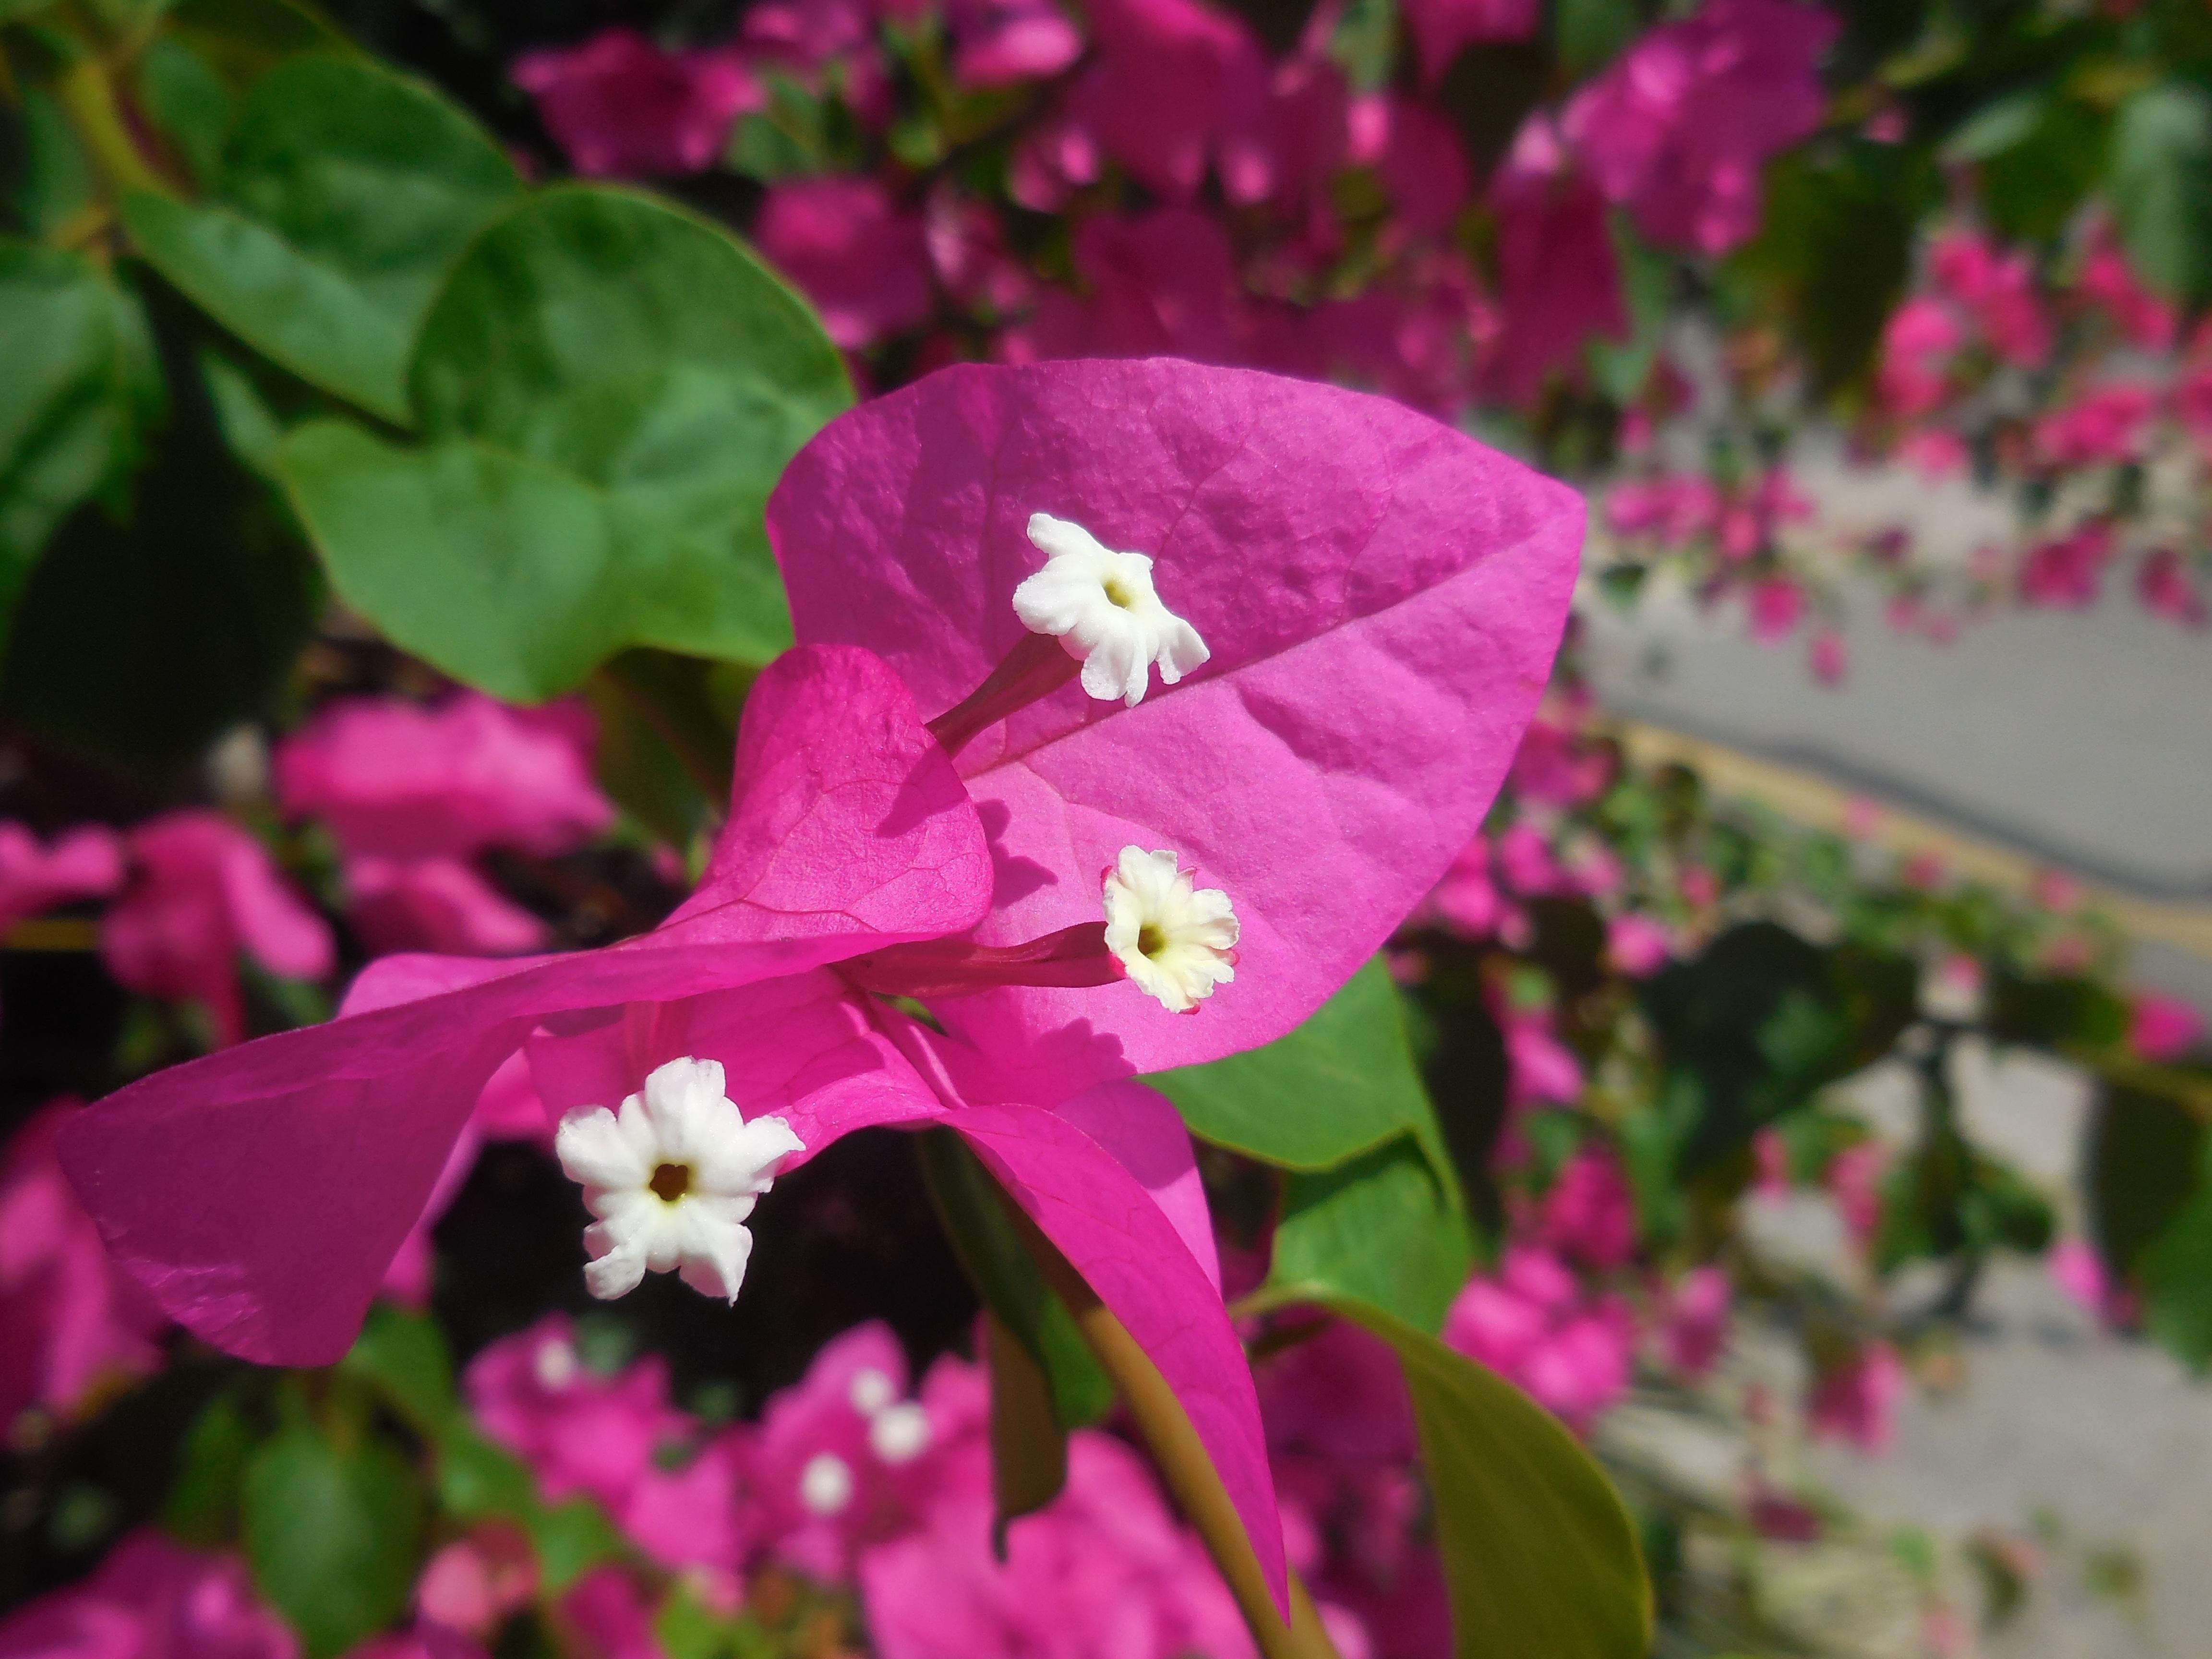 Bougainville Fleur dedans images gratuites : fleur, feuille, pétale, buisson, botanique